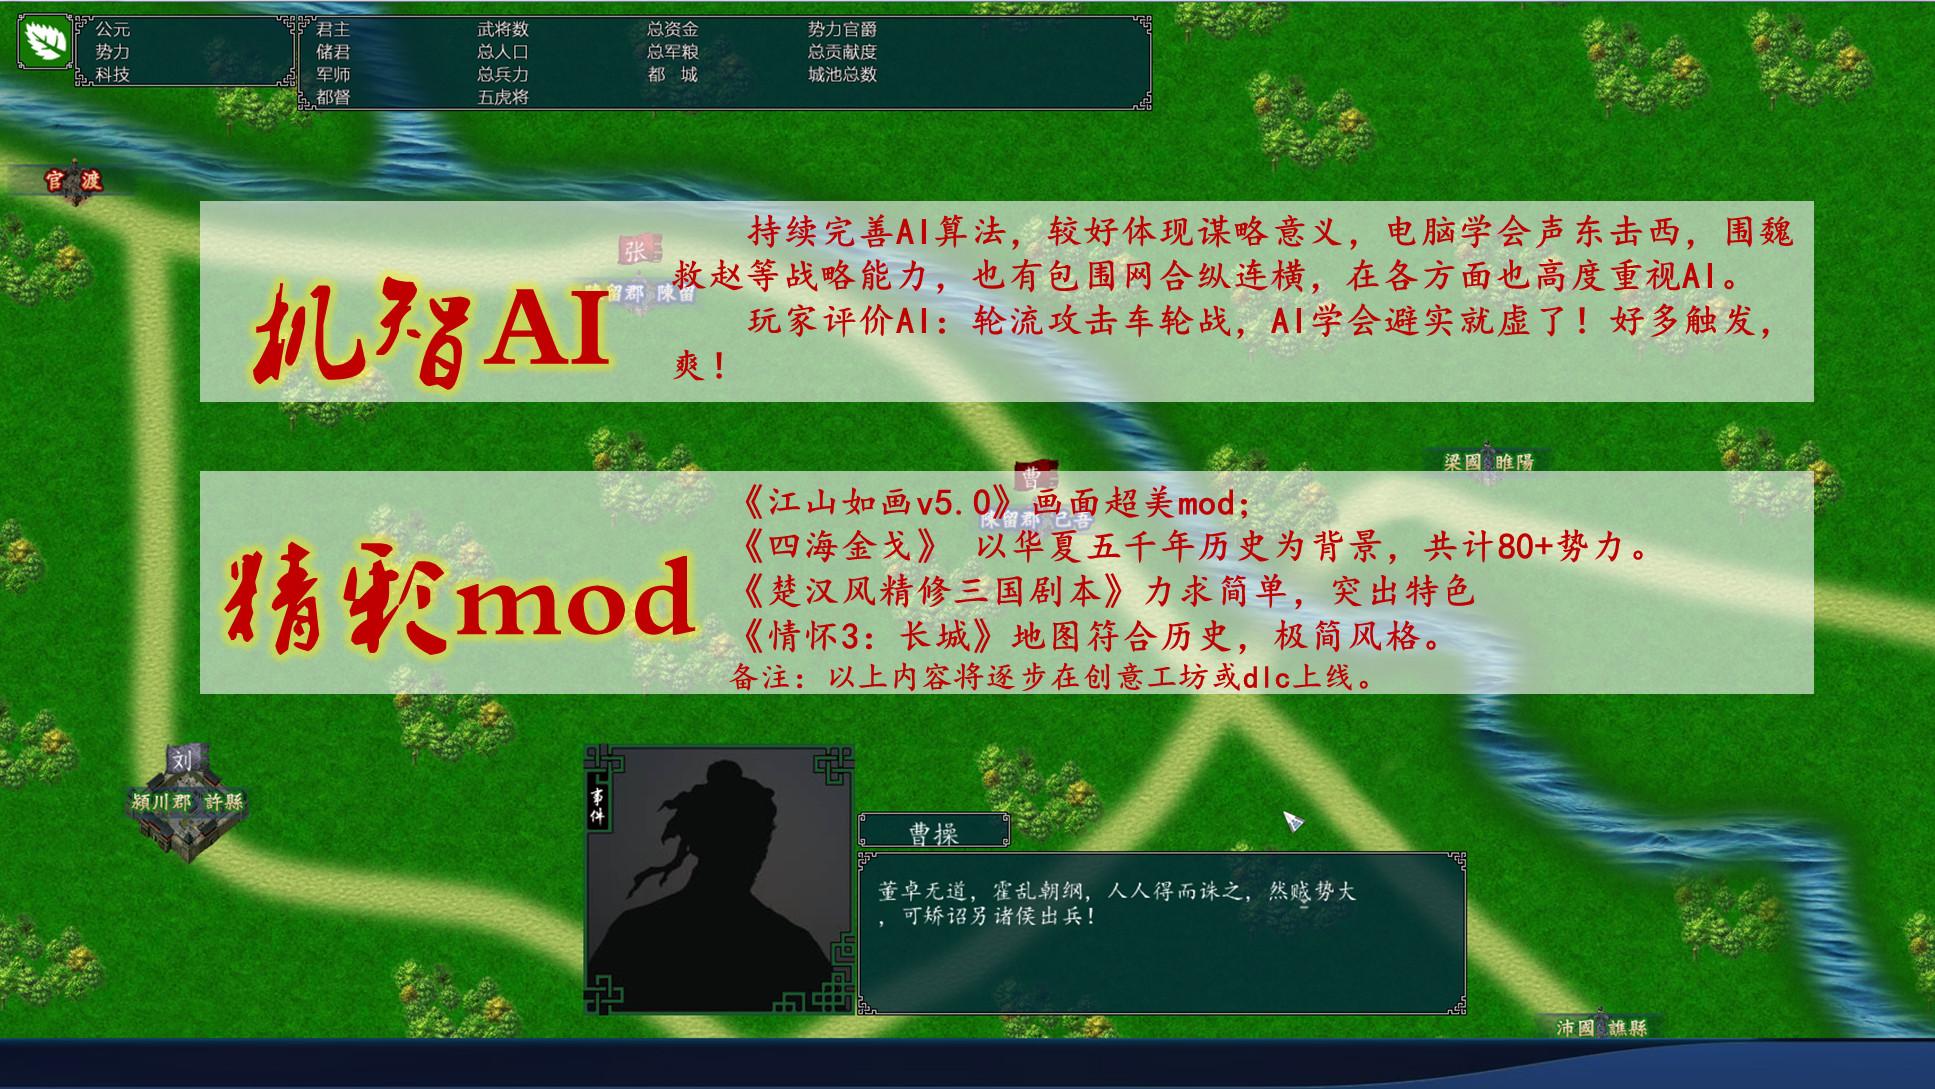 永久开源免费 国产策略单机《中华三国志》登陆Steam